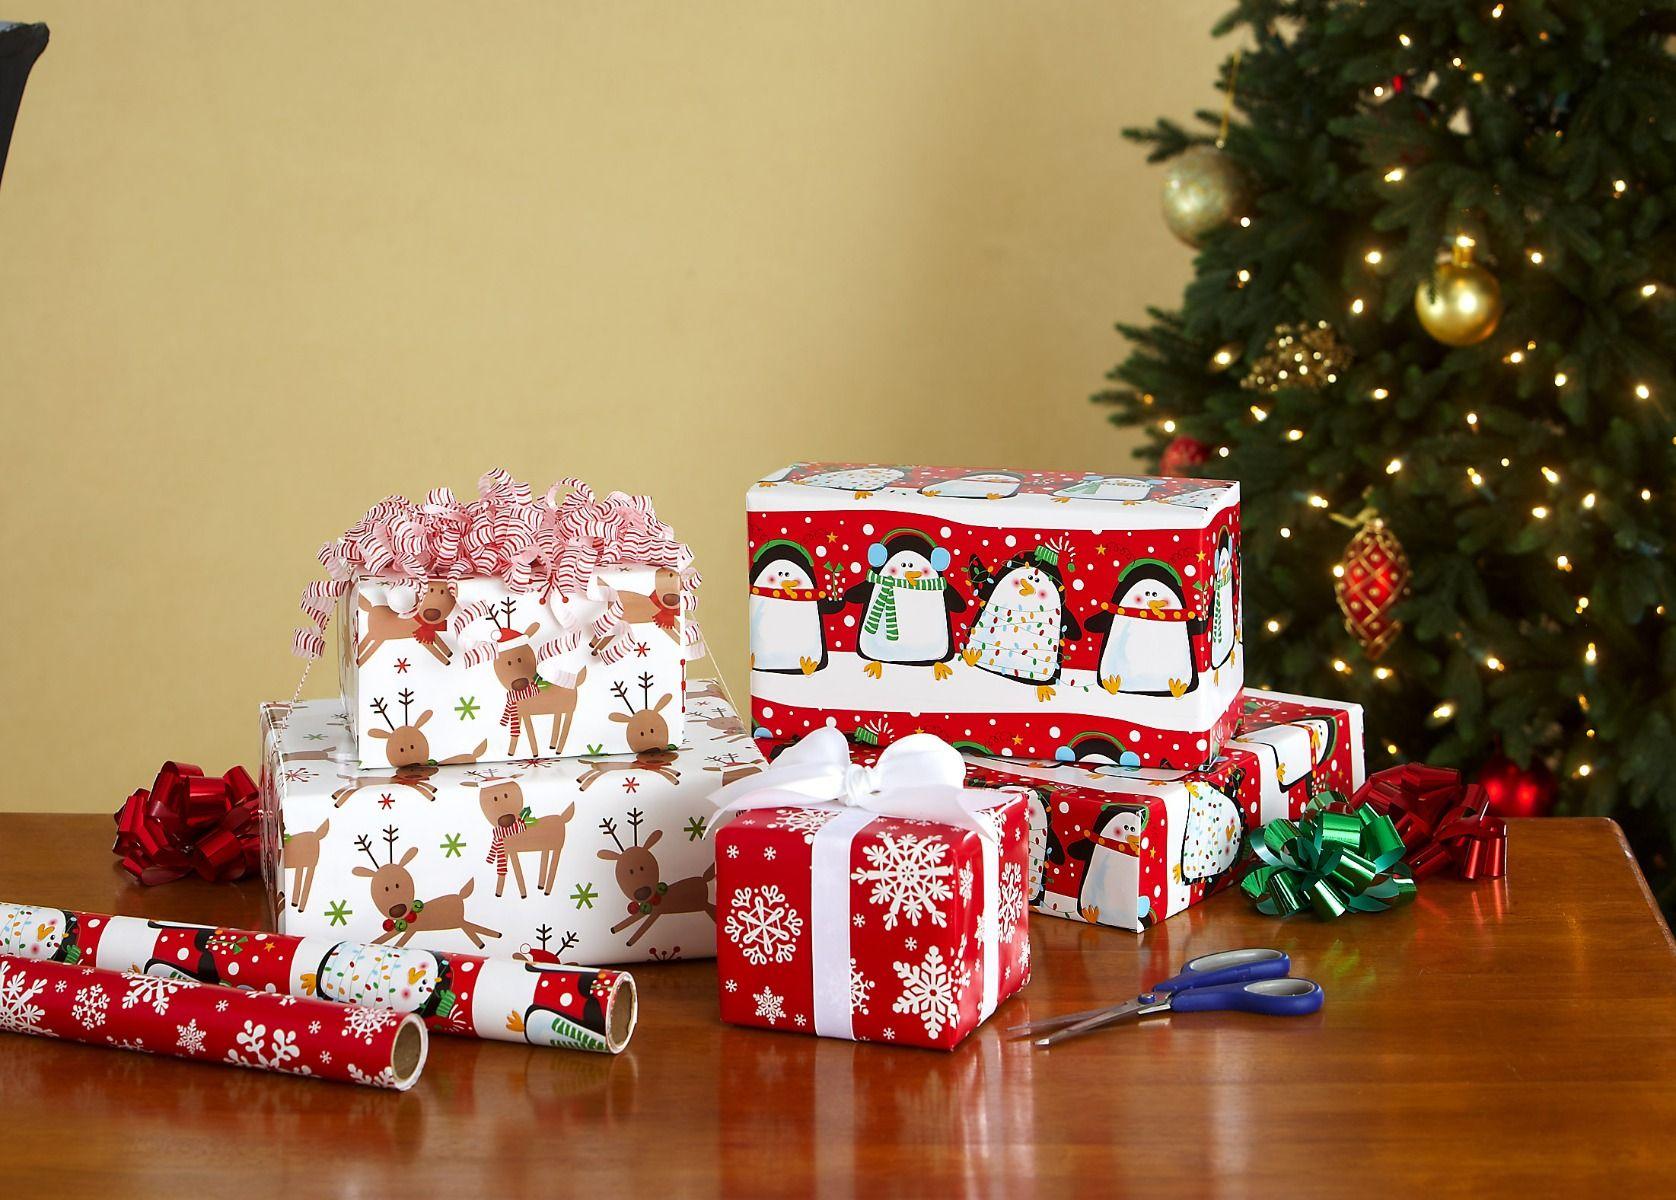 Festive Penguins Jumbo Rolled Gift Wrap